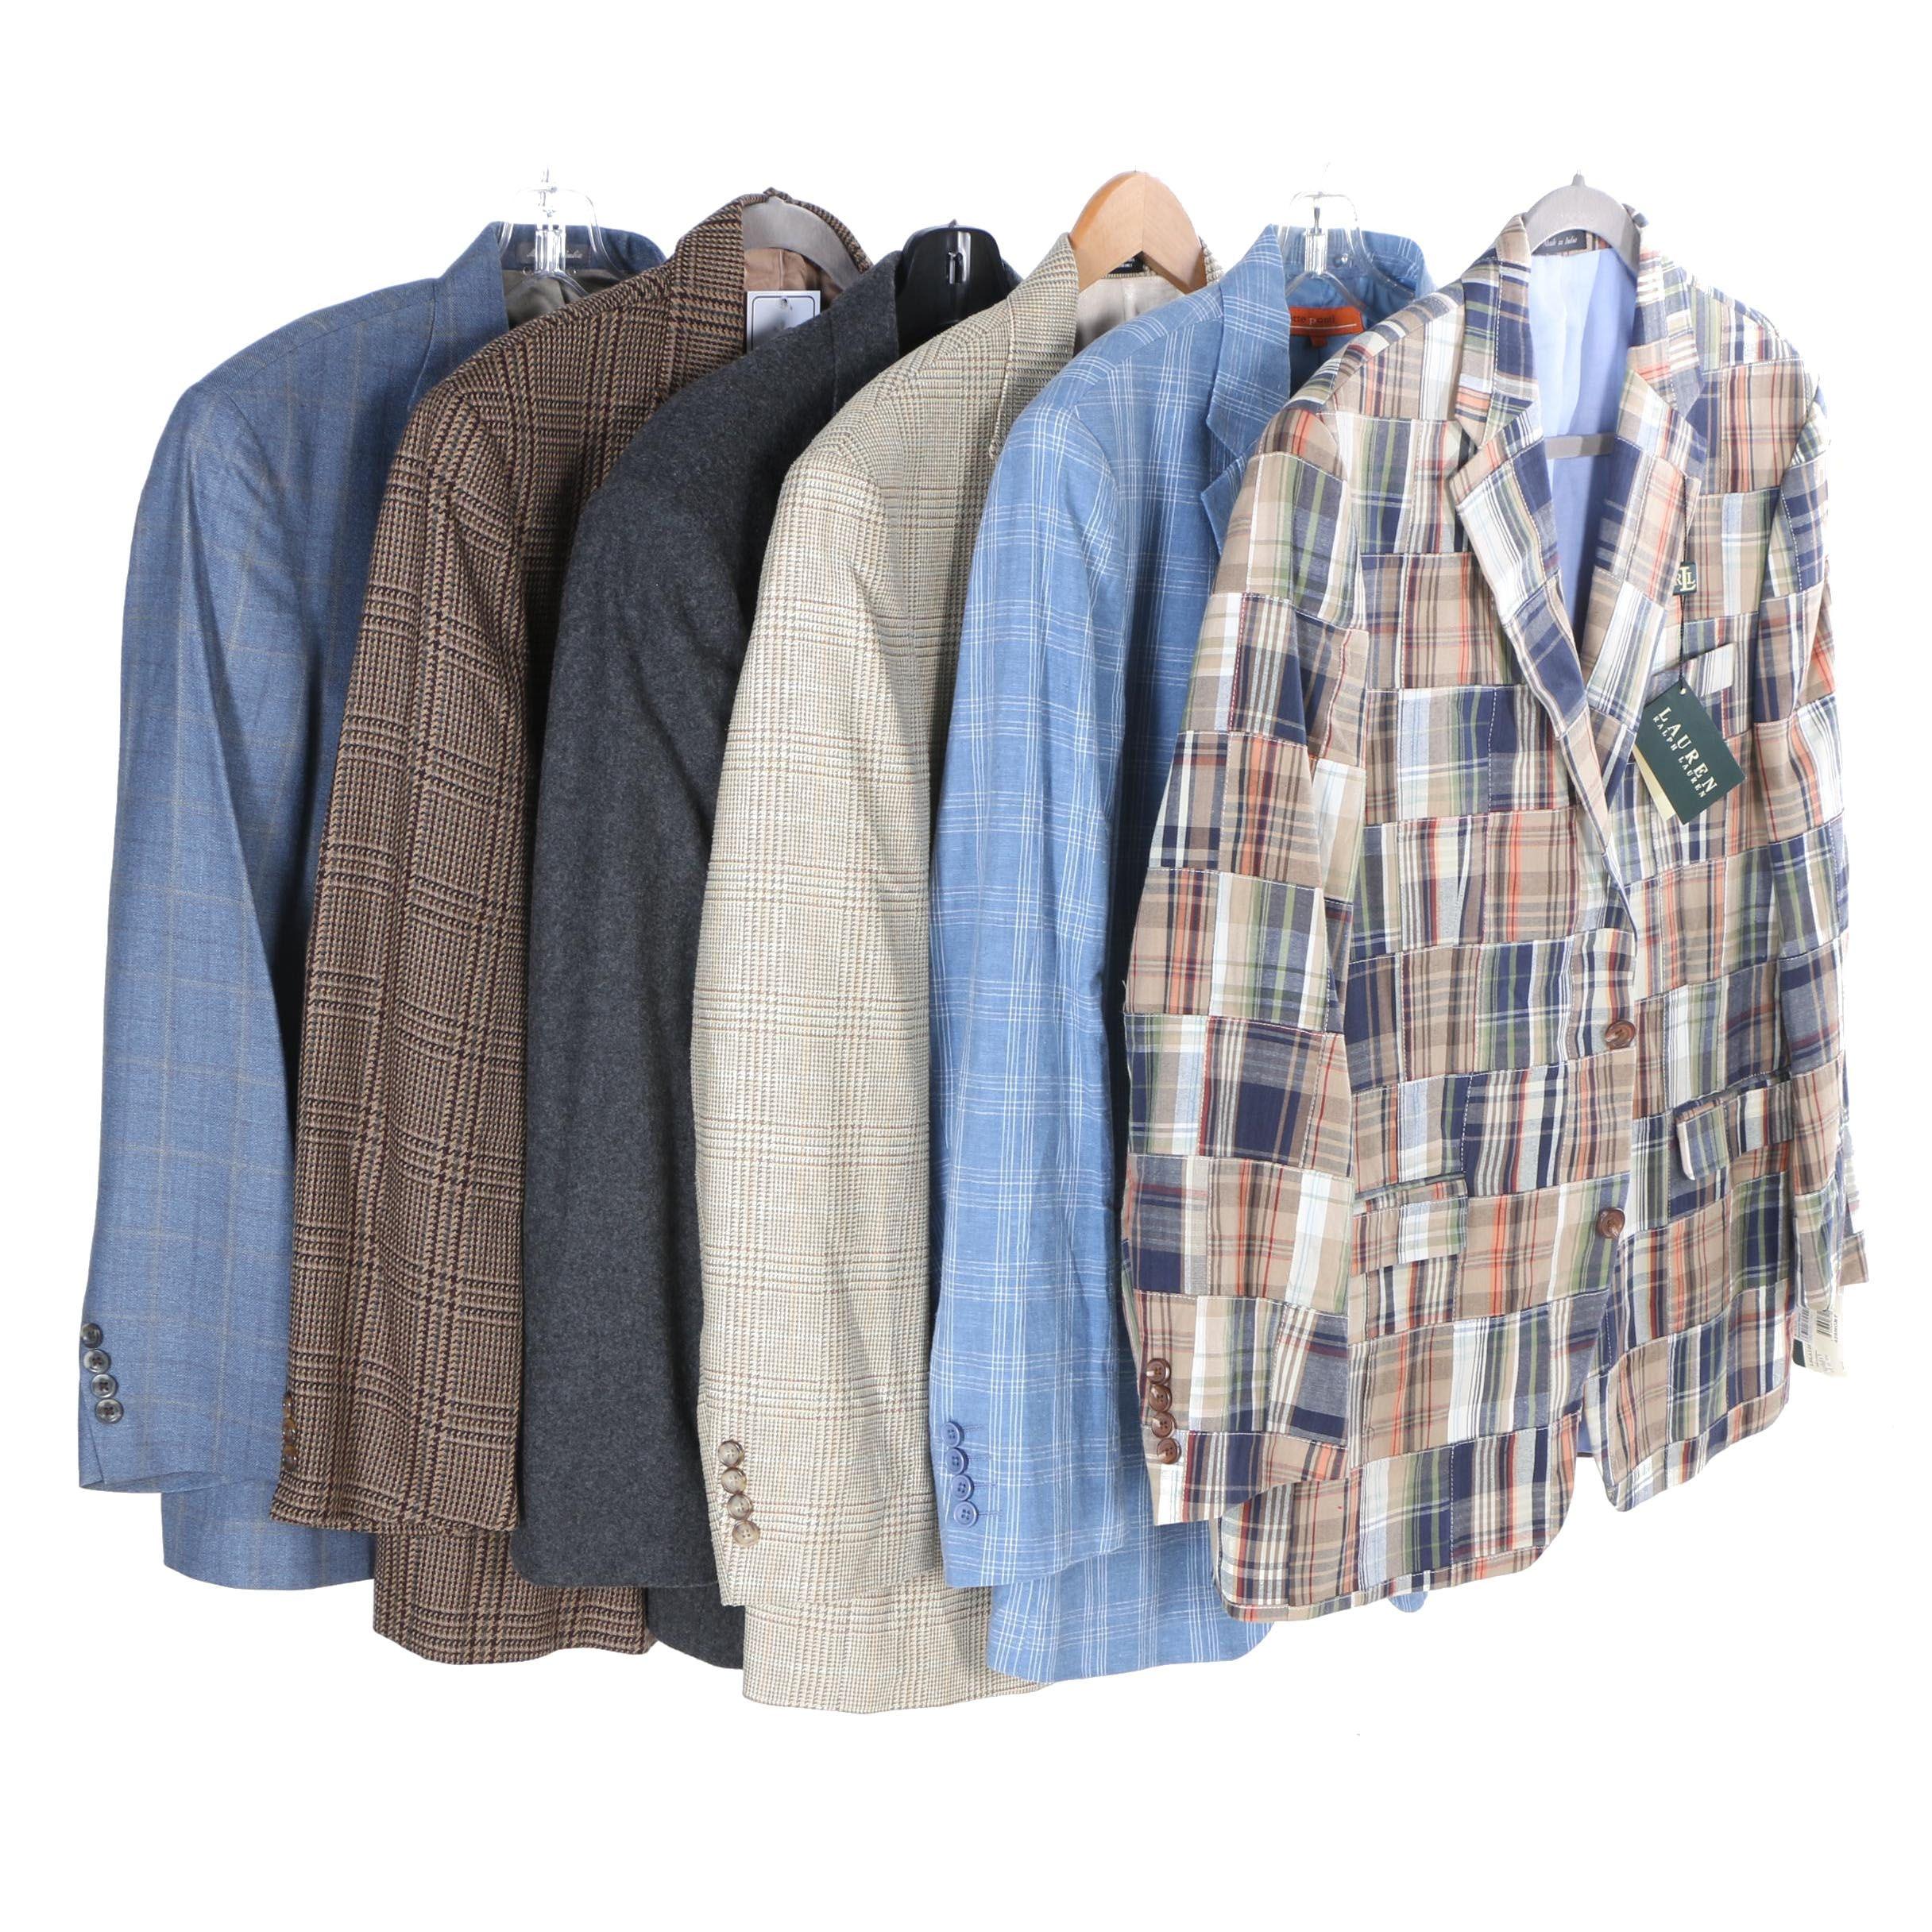 Men's Suit Jackets Including Oscar de la Renta